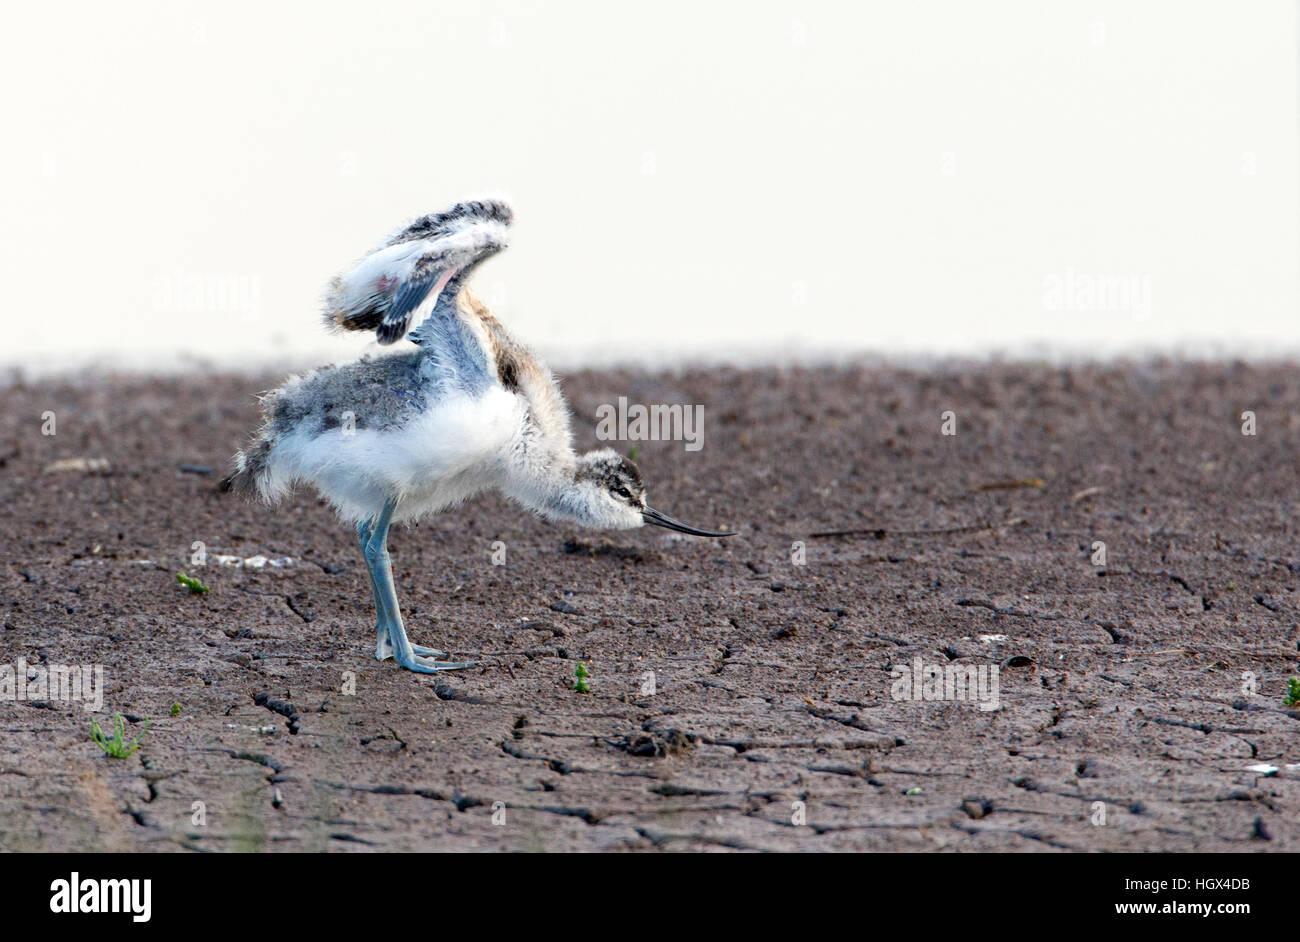 Allungamento alare pulcino avocetta Recurvirostra avosetta appena fuori del nido. Francese: Avocette élégante Immagini Stock